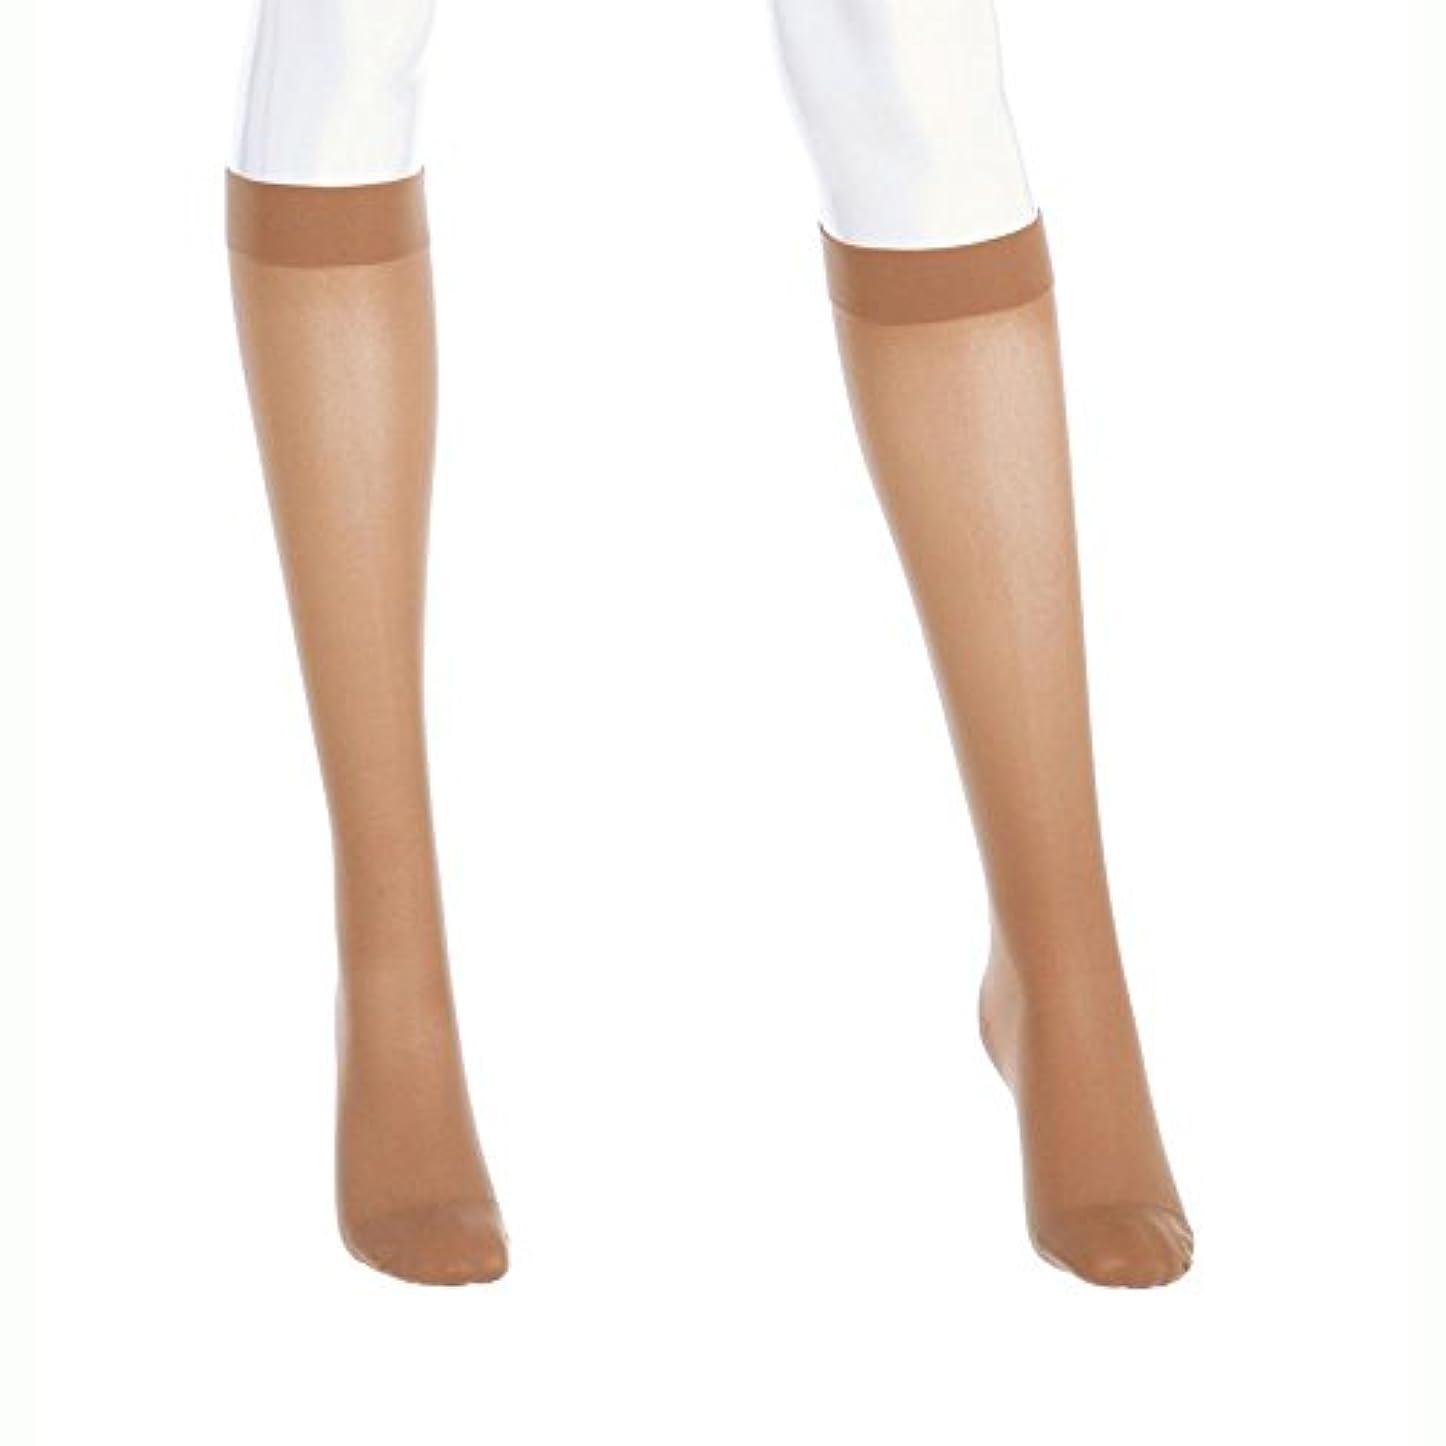 コンプライアンスケーブルカー孤独Mediven Assure, Closed Toe, 20-30mmHg, Knee High Compression Stocking, Large, Black by Medi